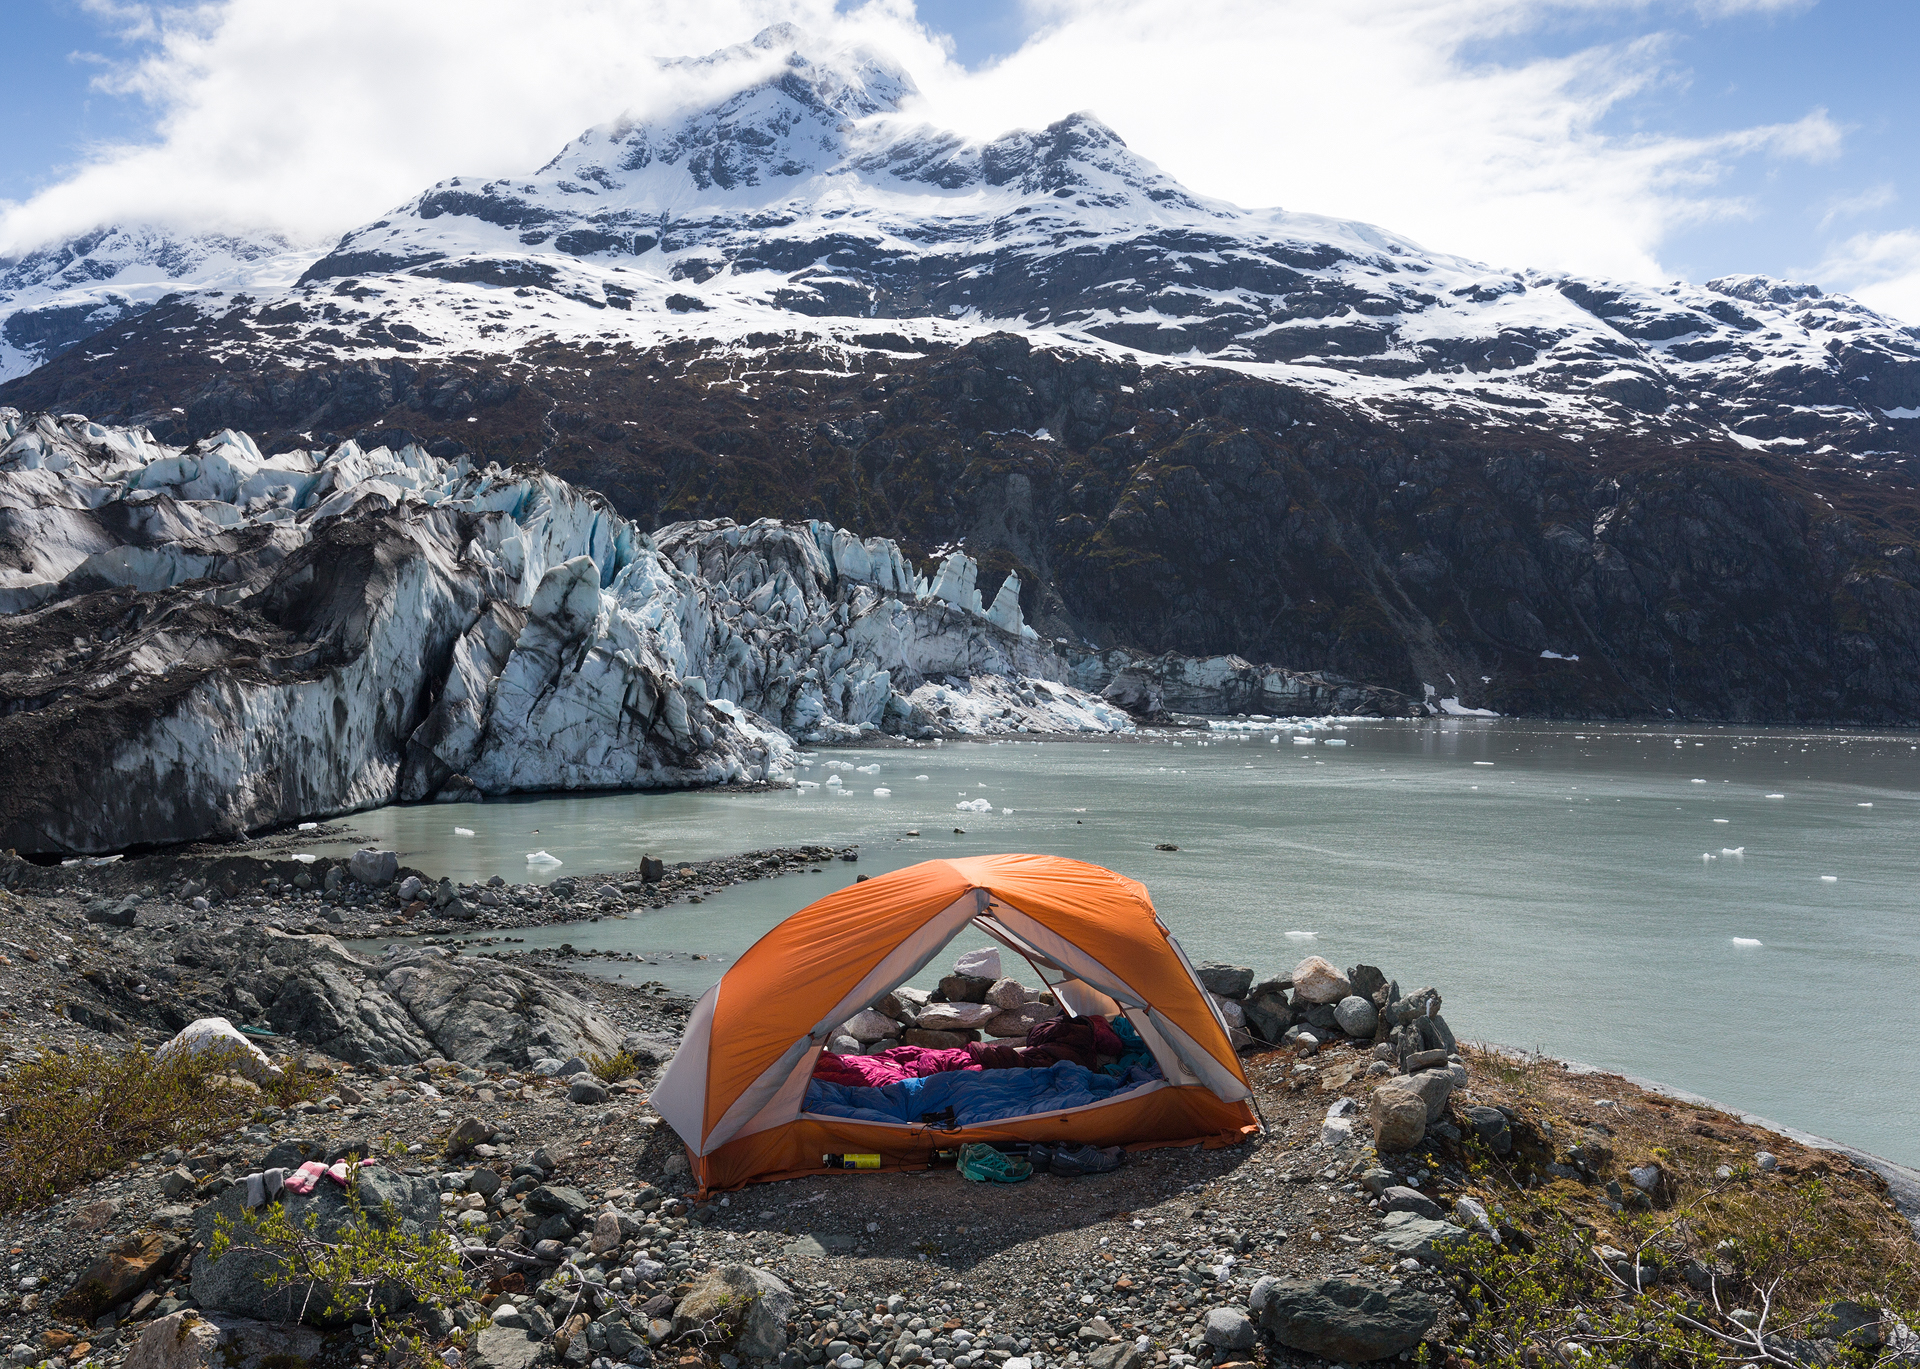 Camp at Lamplugh Glacier